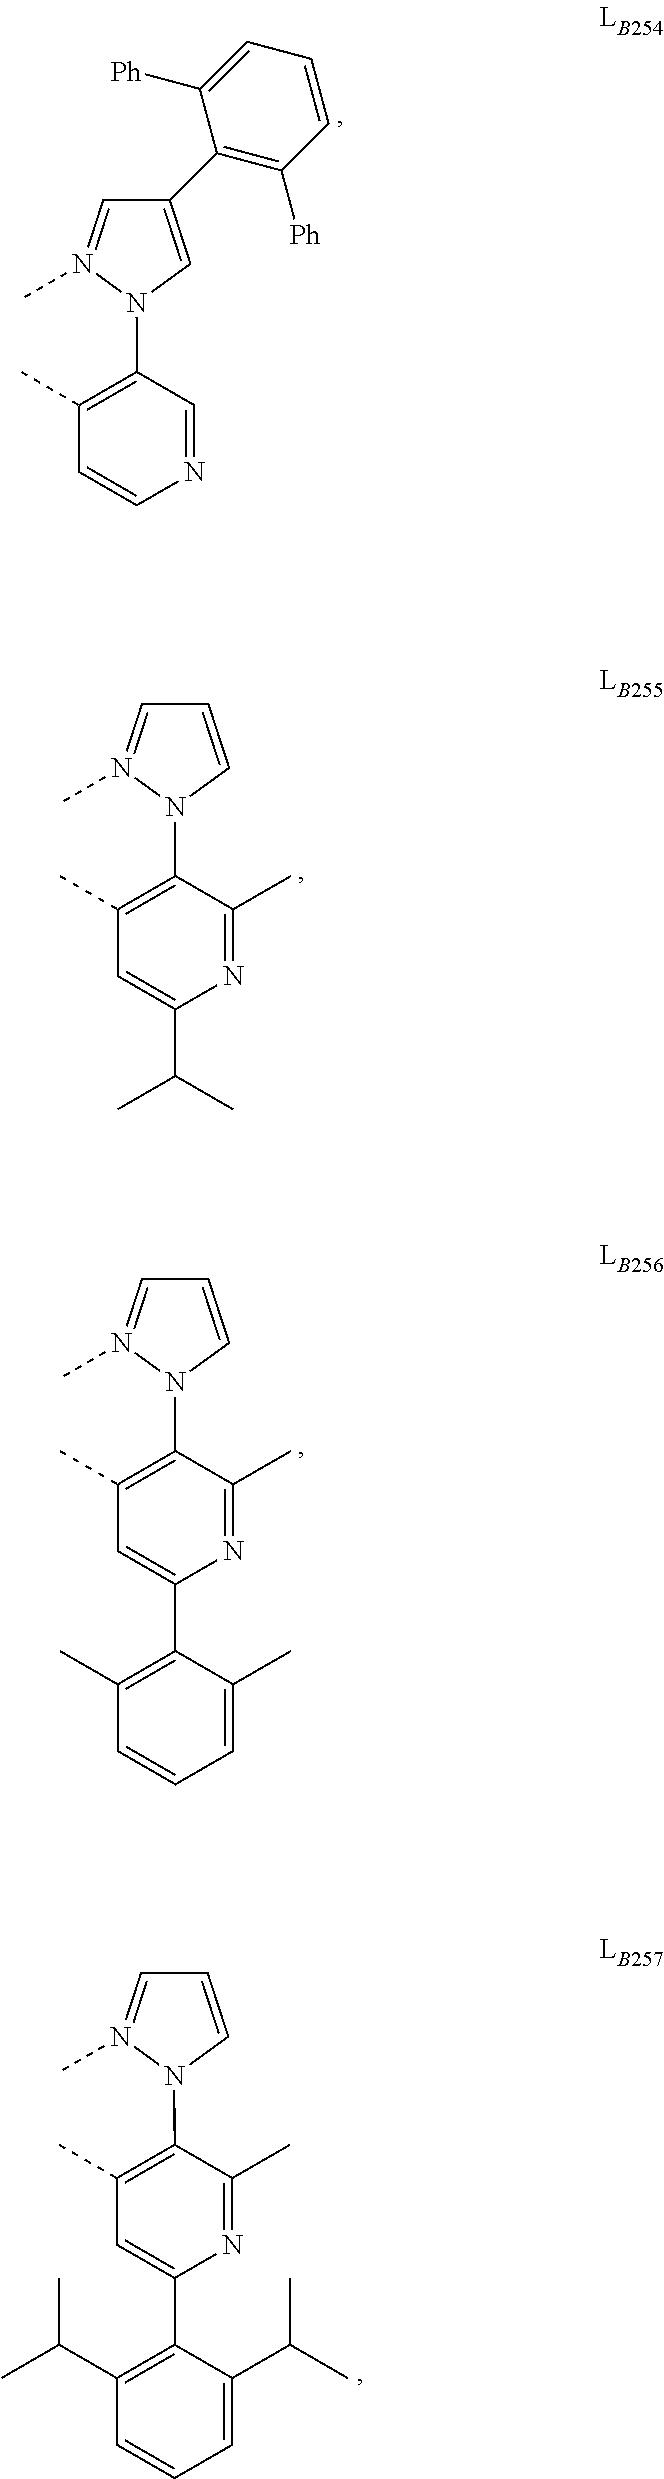 Figure US09905785-20180227-C00161